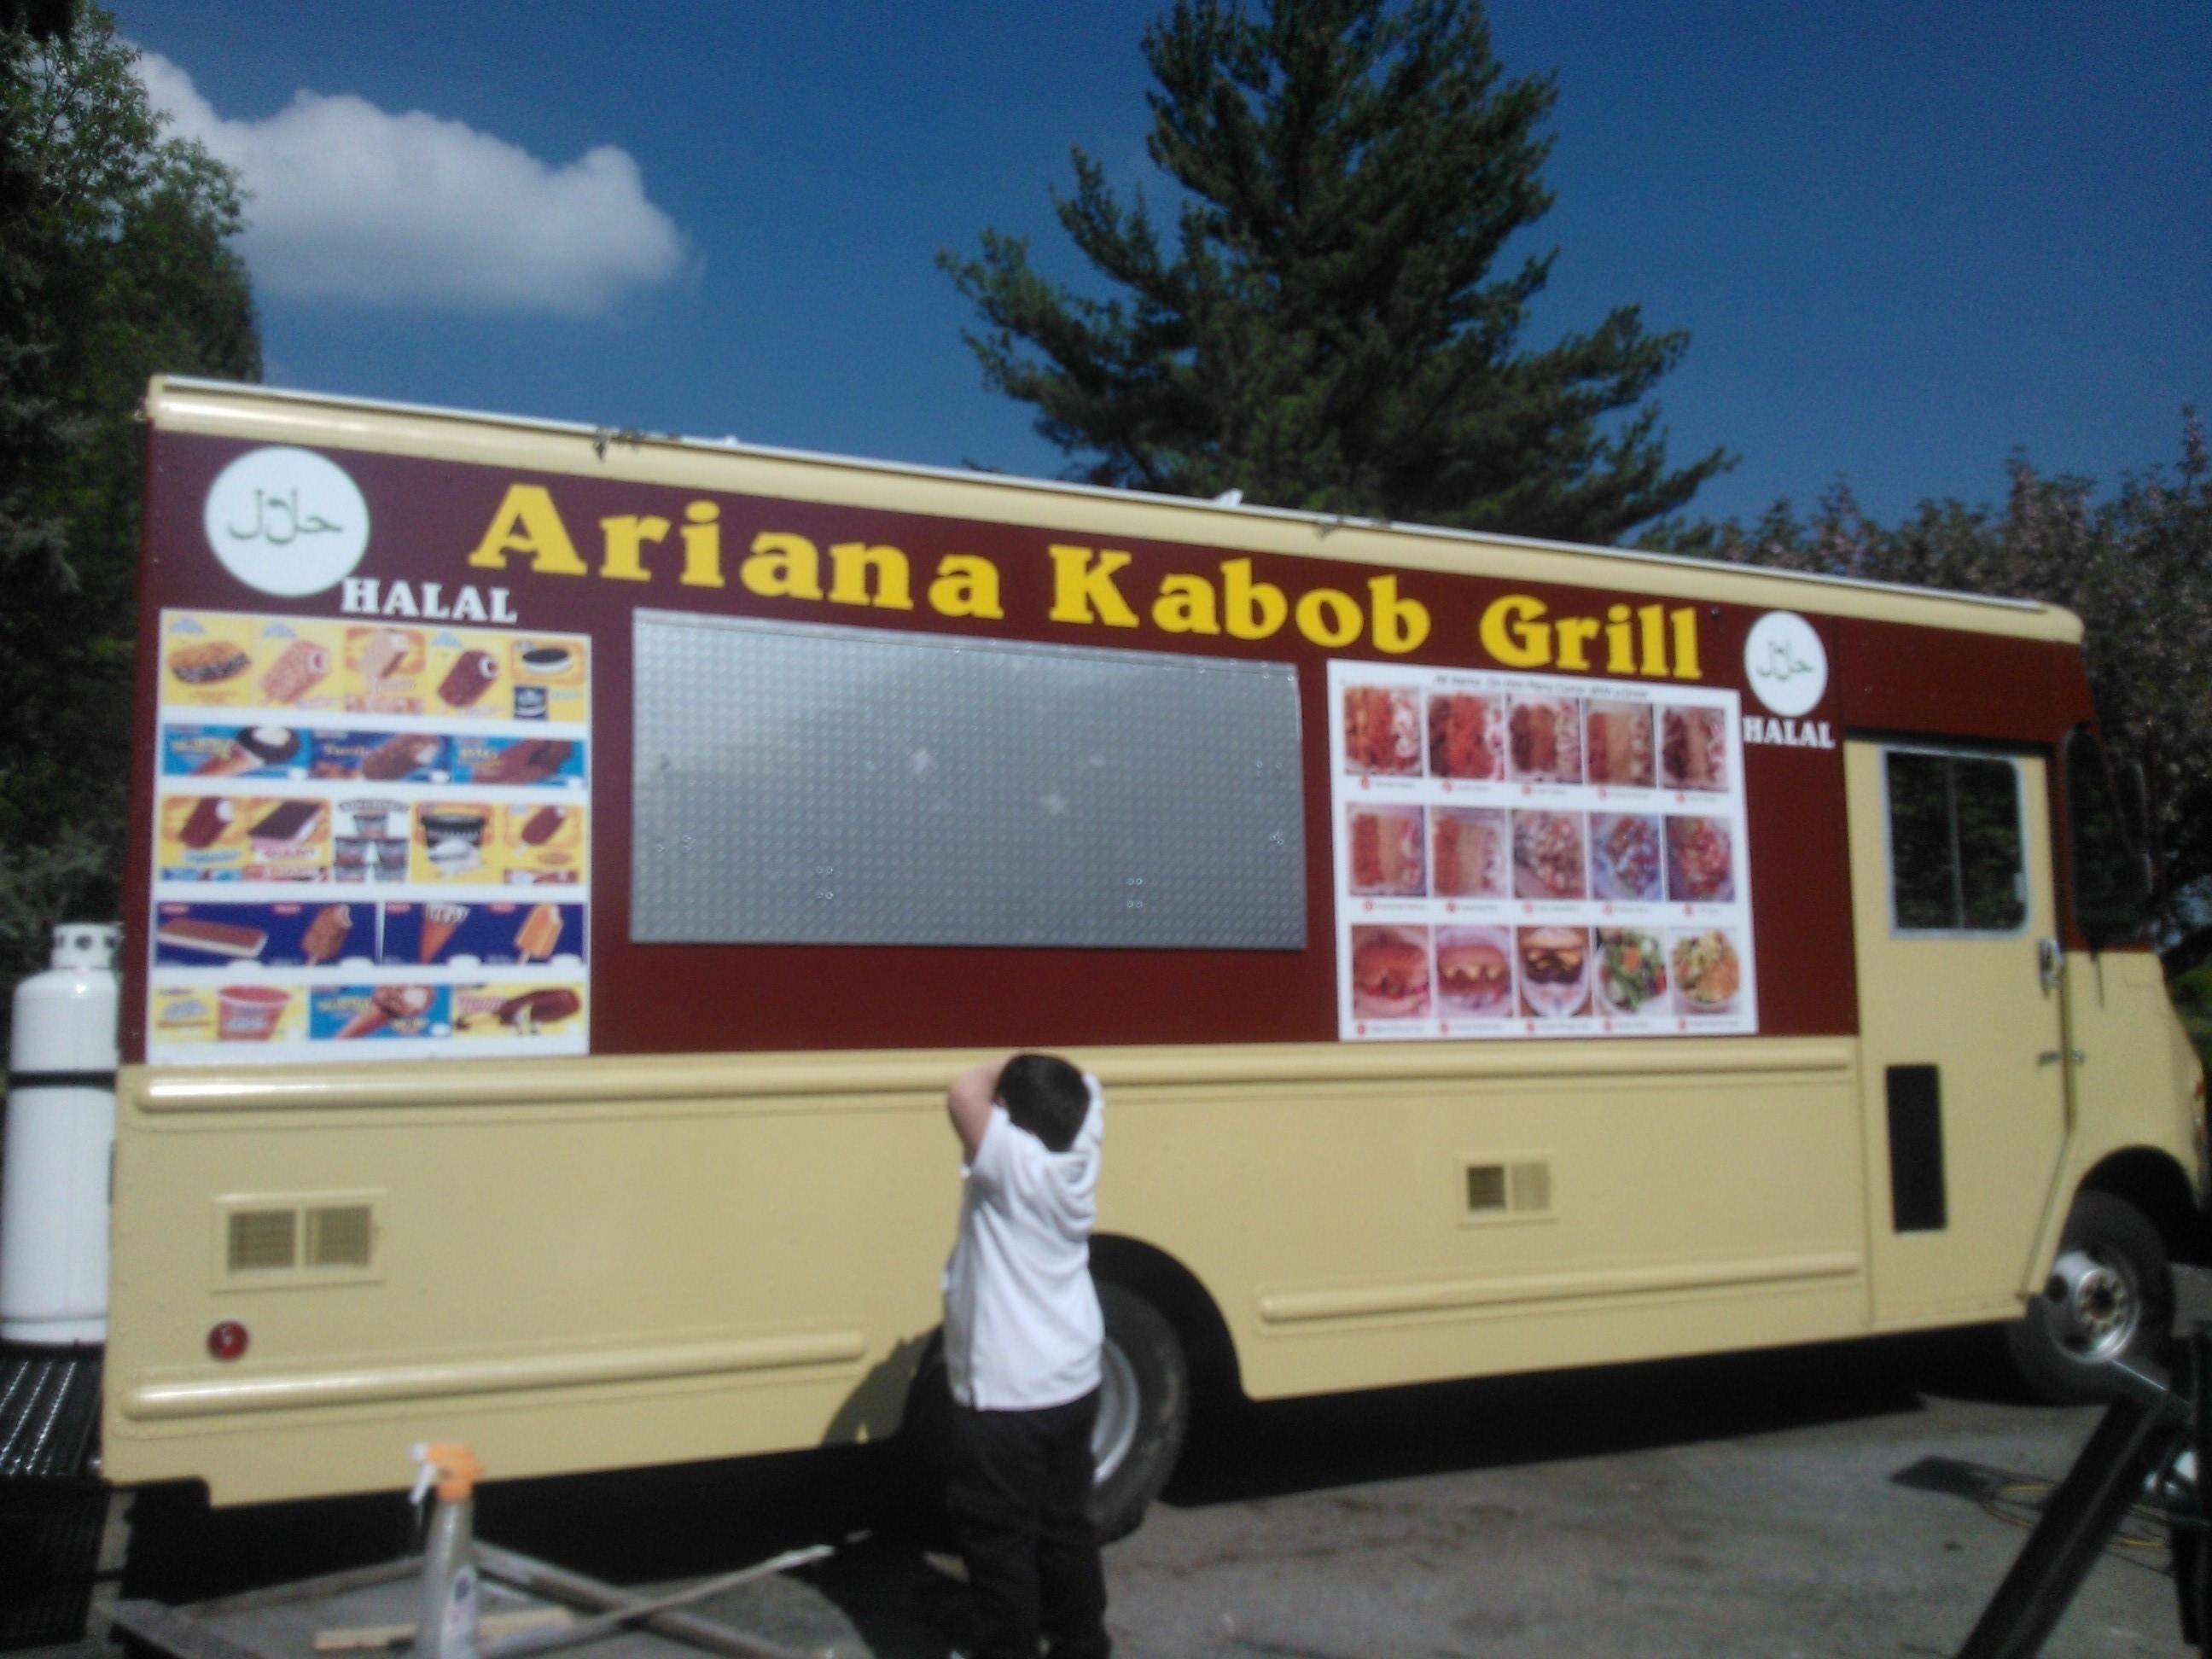 Catonsville Food Truck